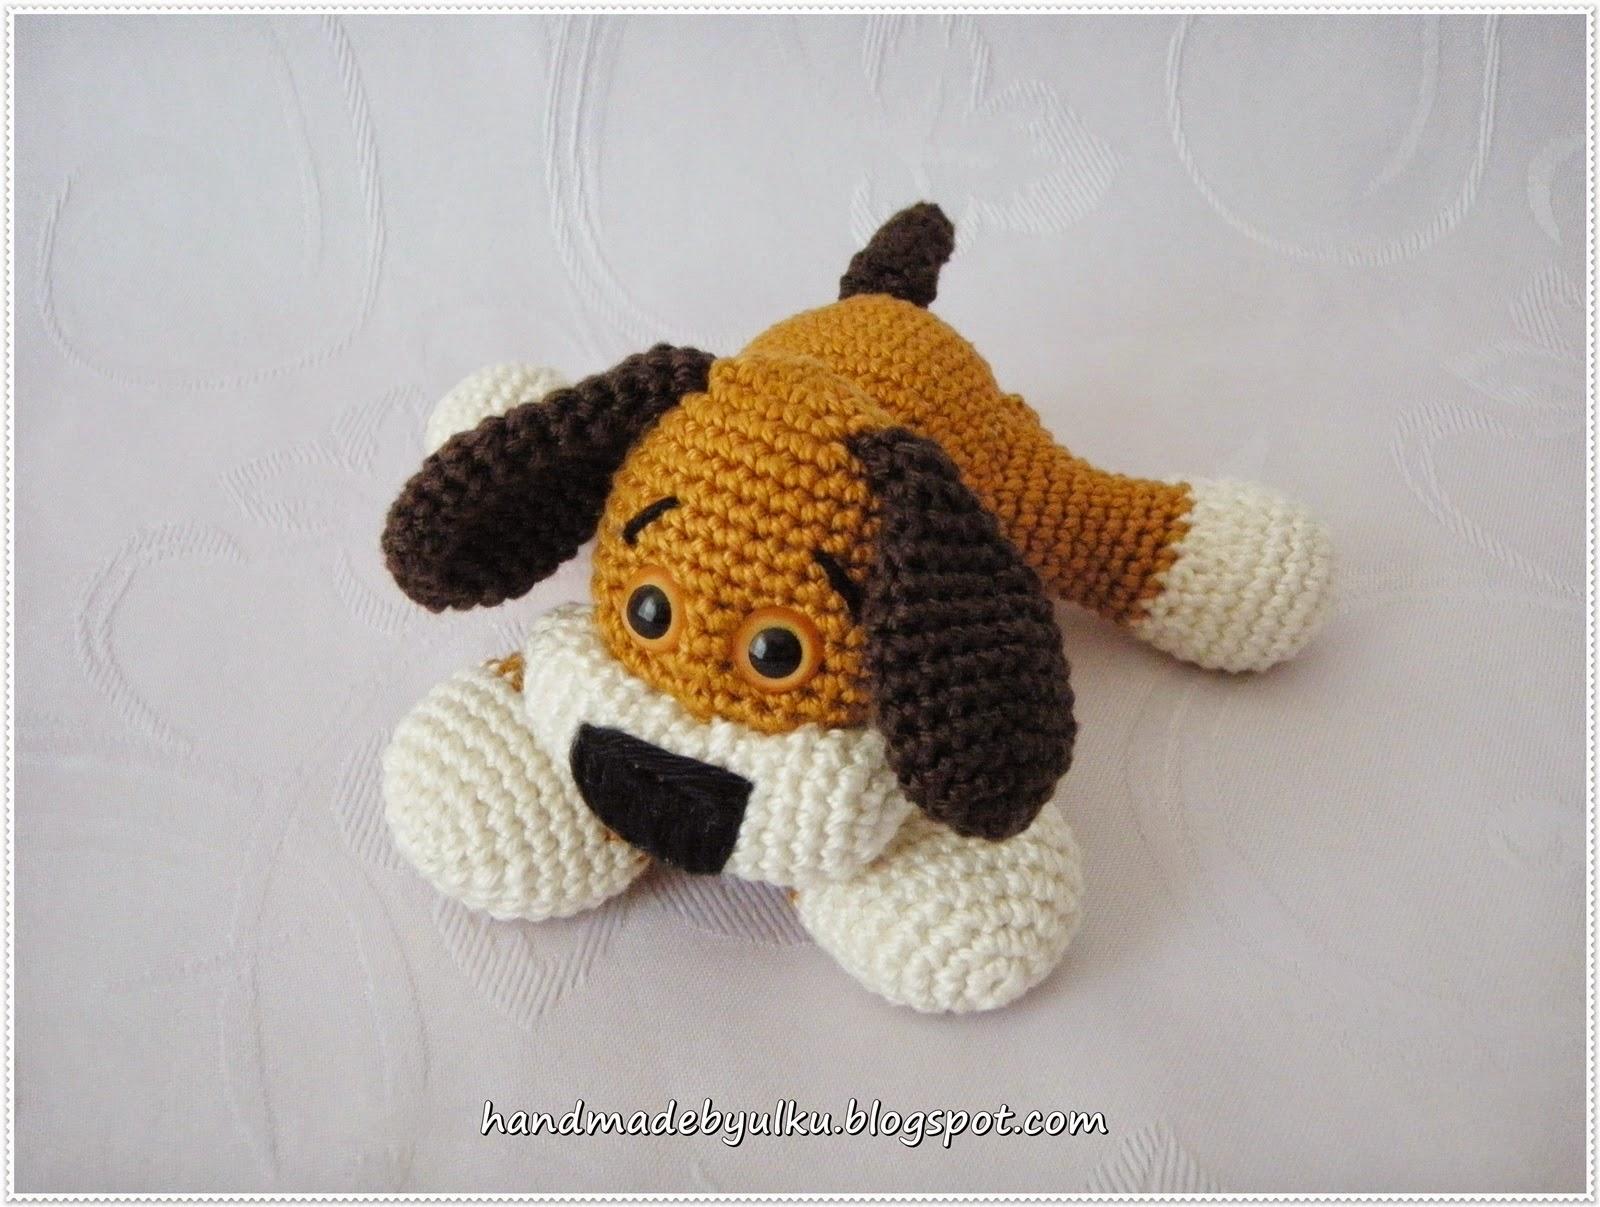 Amigurumi Dog Patterns : Handmade by ?lk?: Gratisanleitung Amigurumi S??es H?ndchen ...